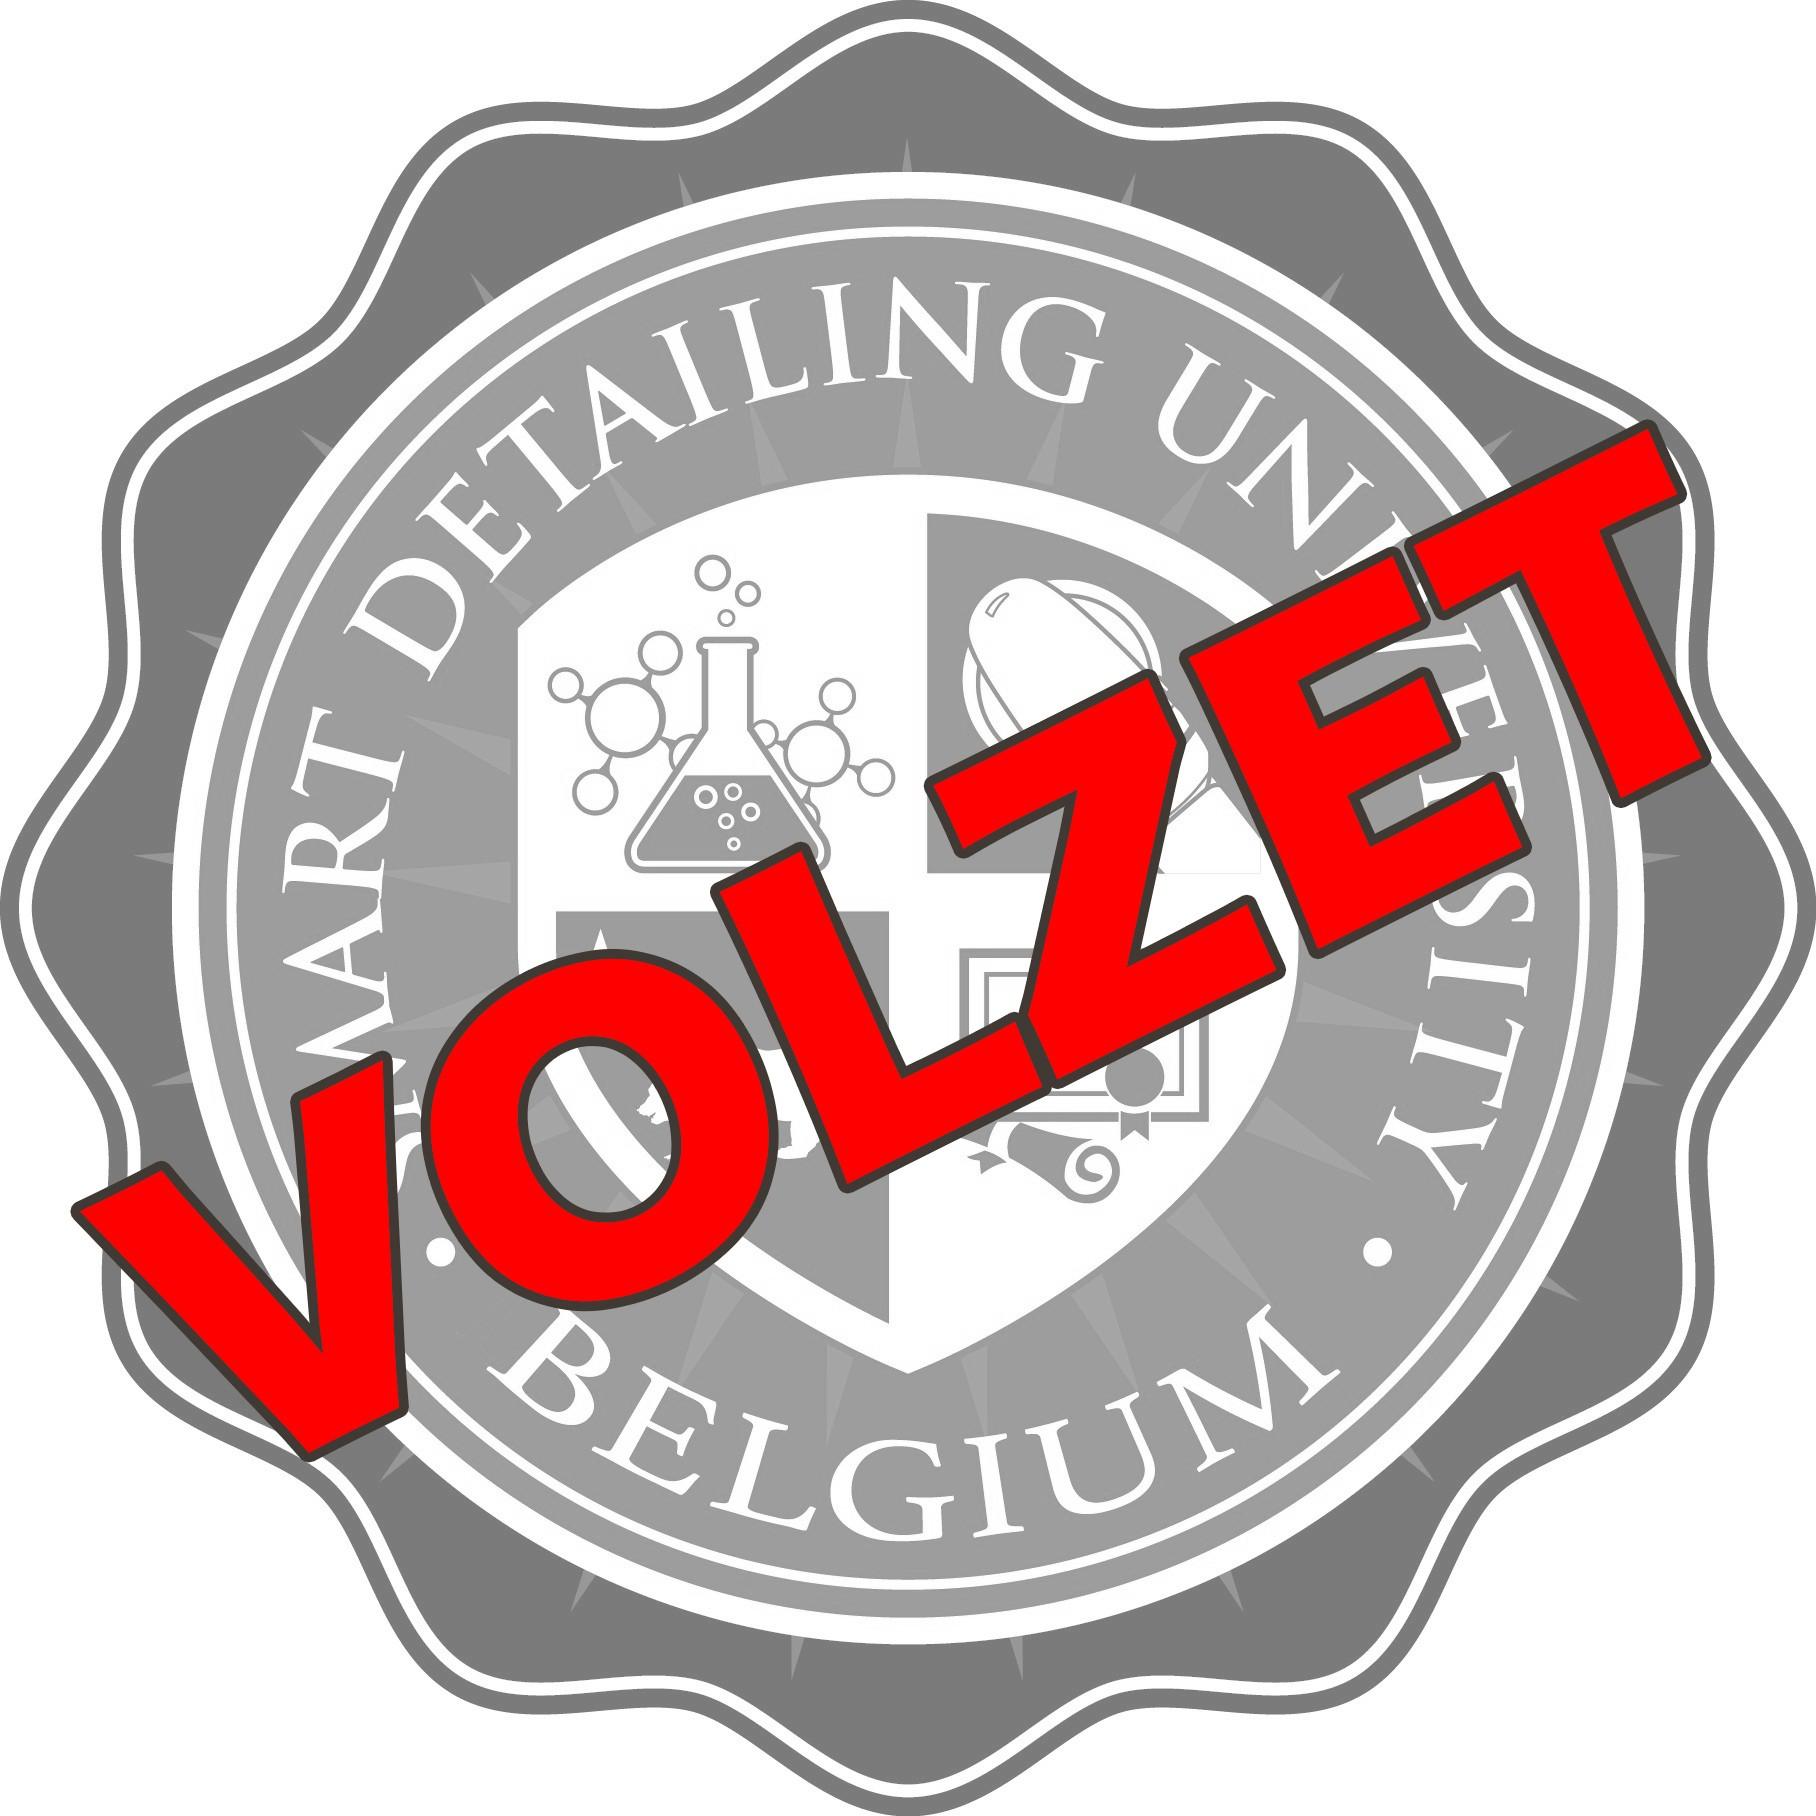 CG BELGIUM SDU - BUFFING & POLISHING - 27-04-2019